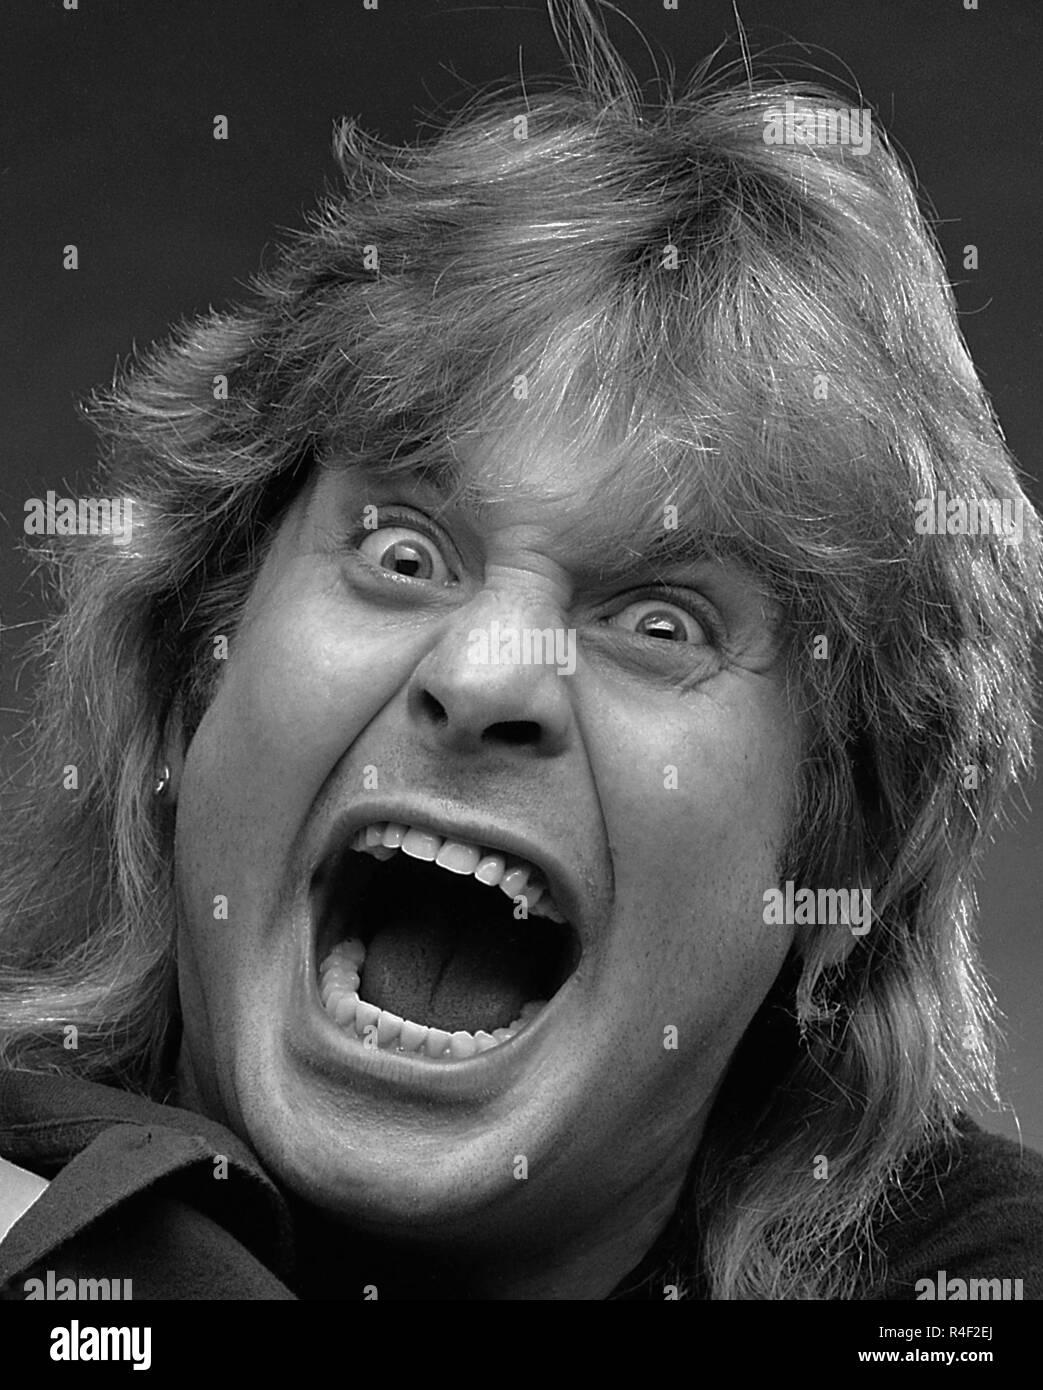 Ozzy Osborne-Ozzy Osbourne - Stock Image